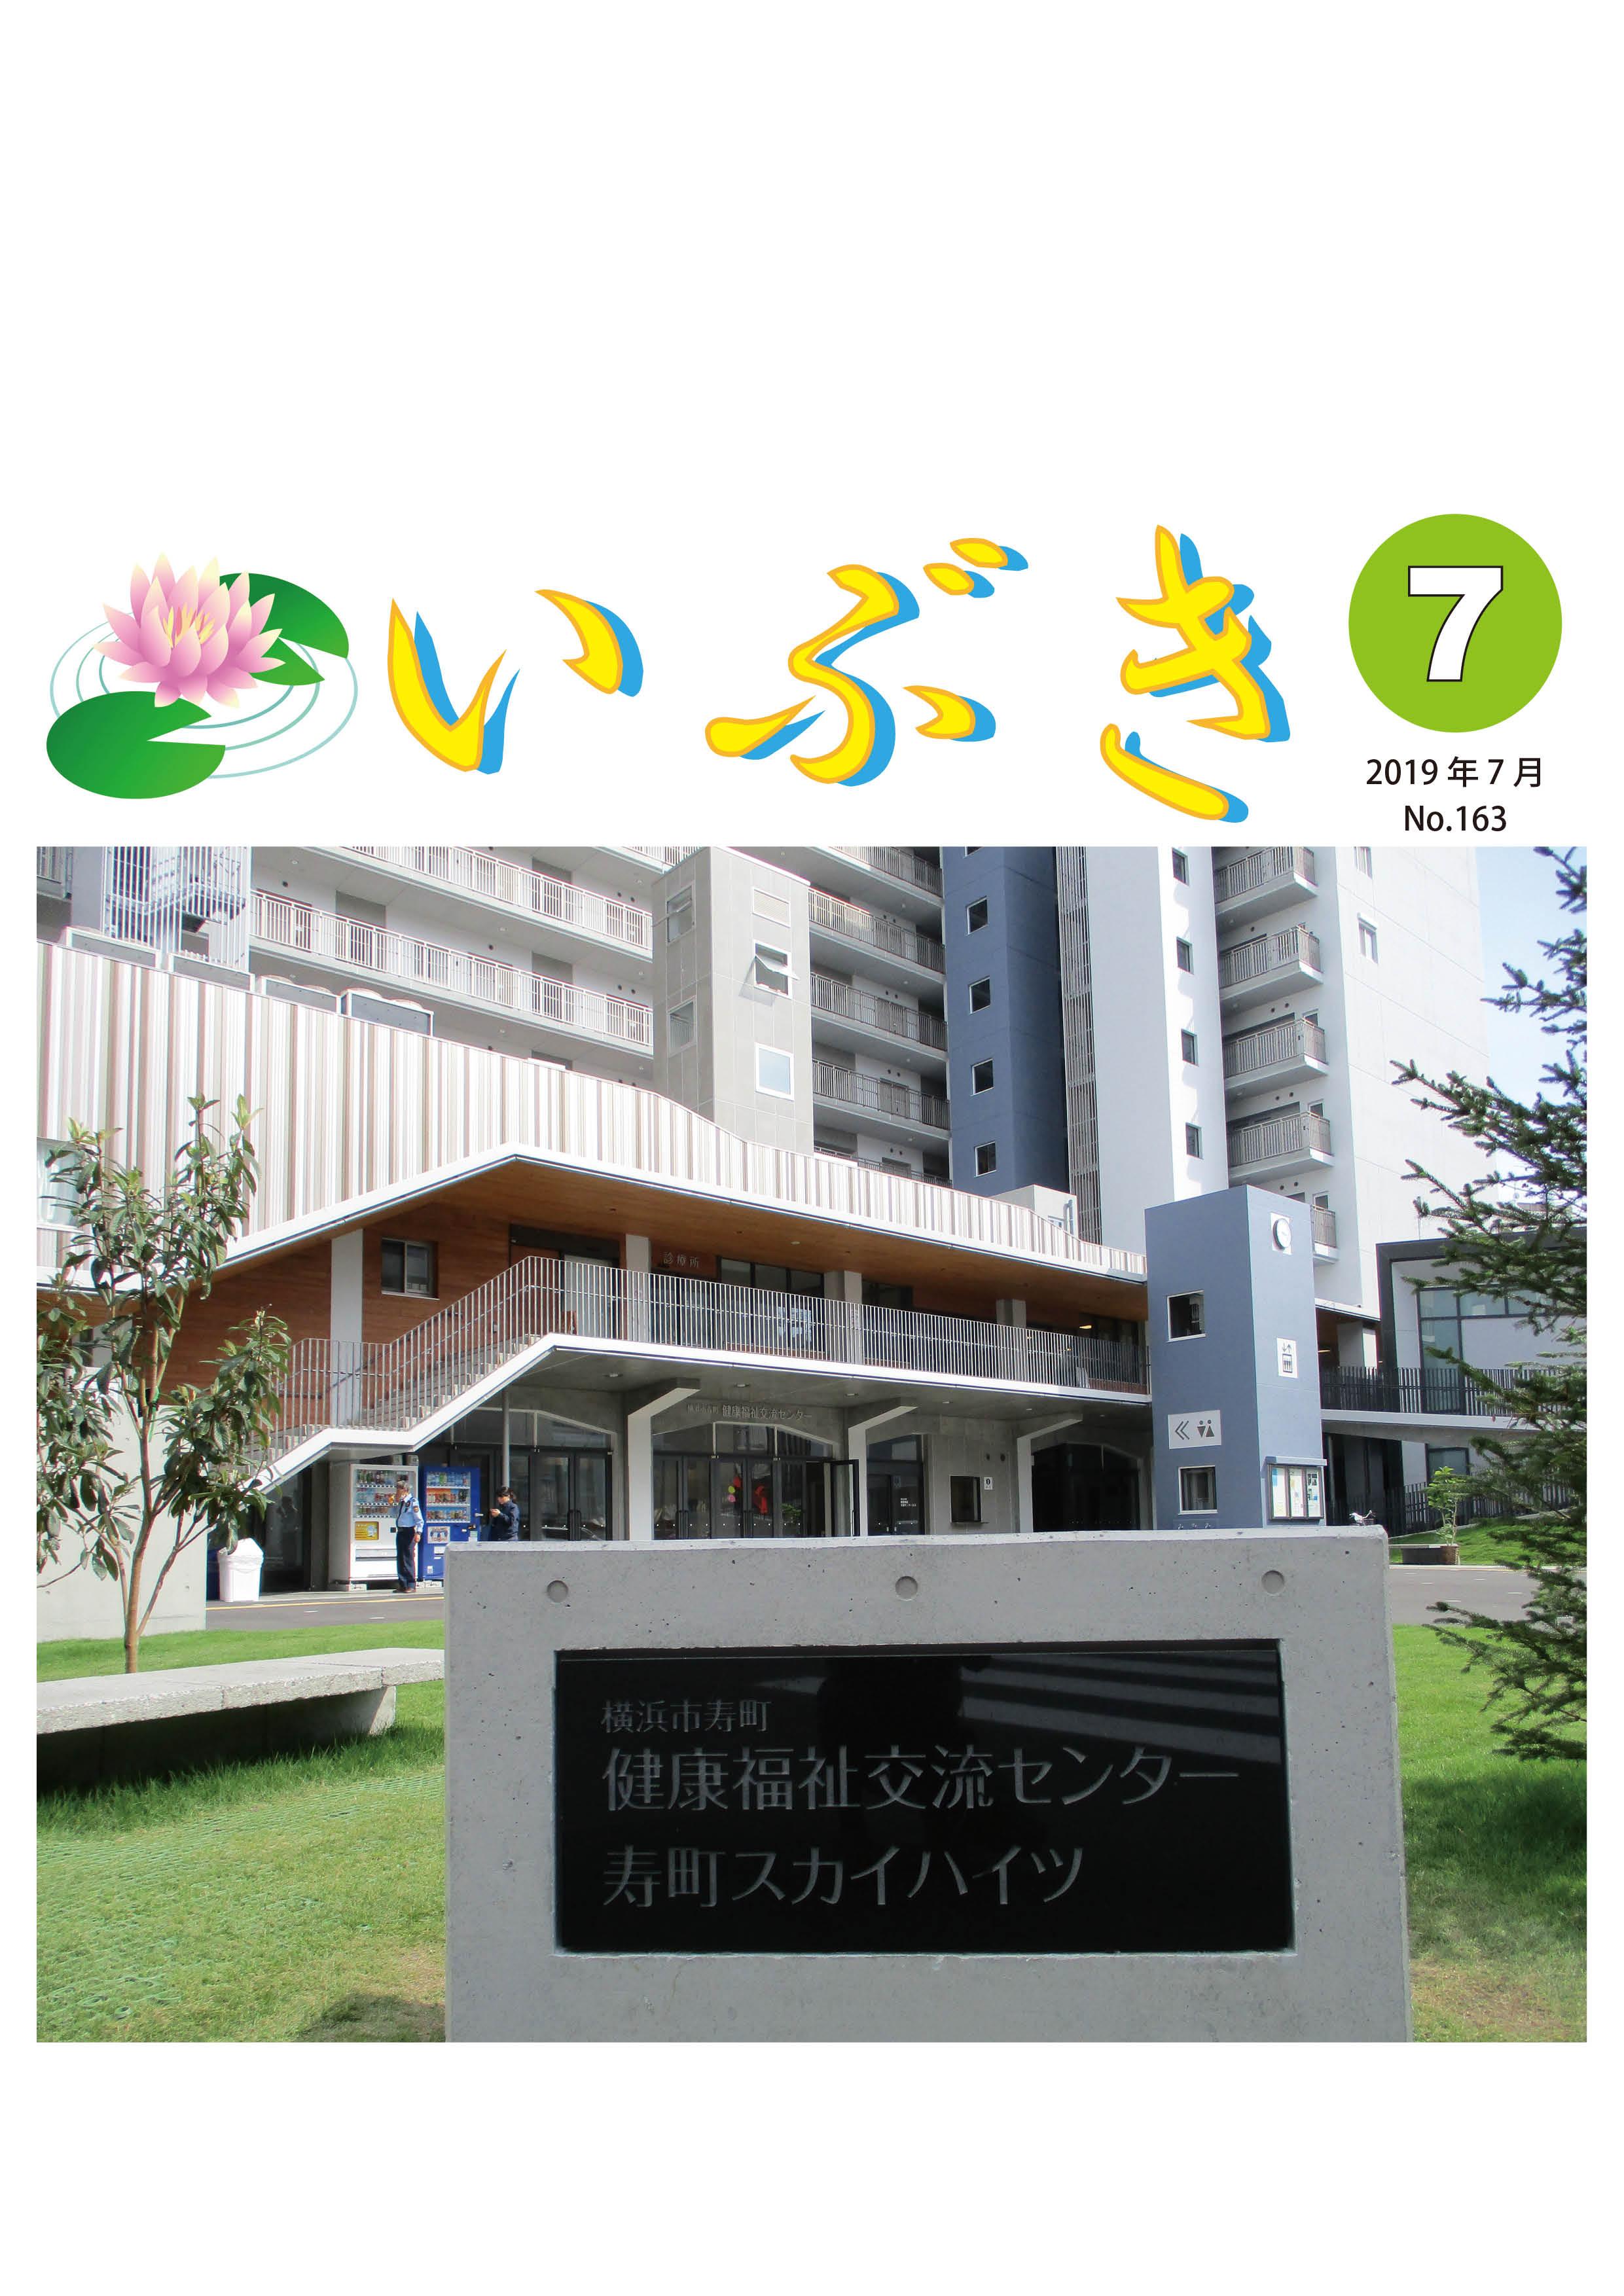 広報紙いぶき2019年7月号(No.163)